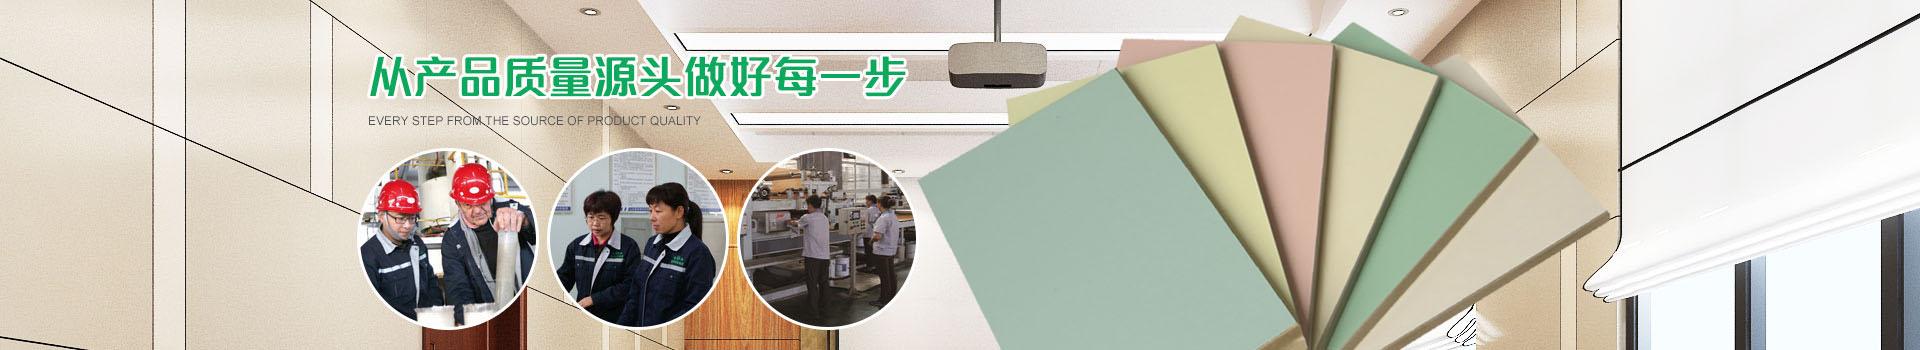 鲁泰建材无机预涂板从产品质量源头做好每一步